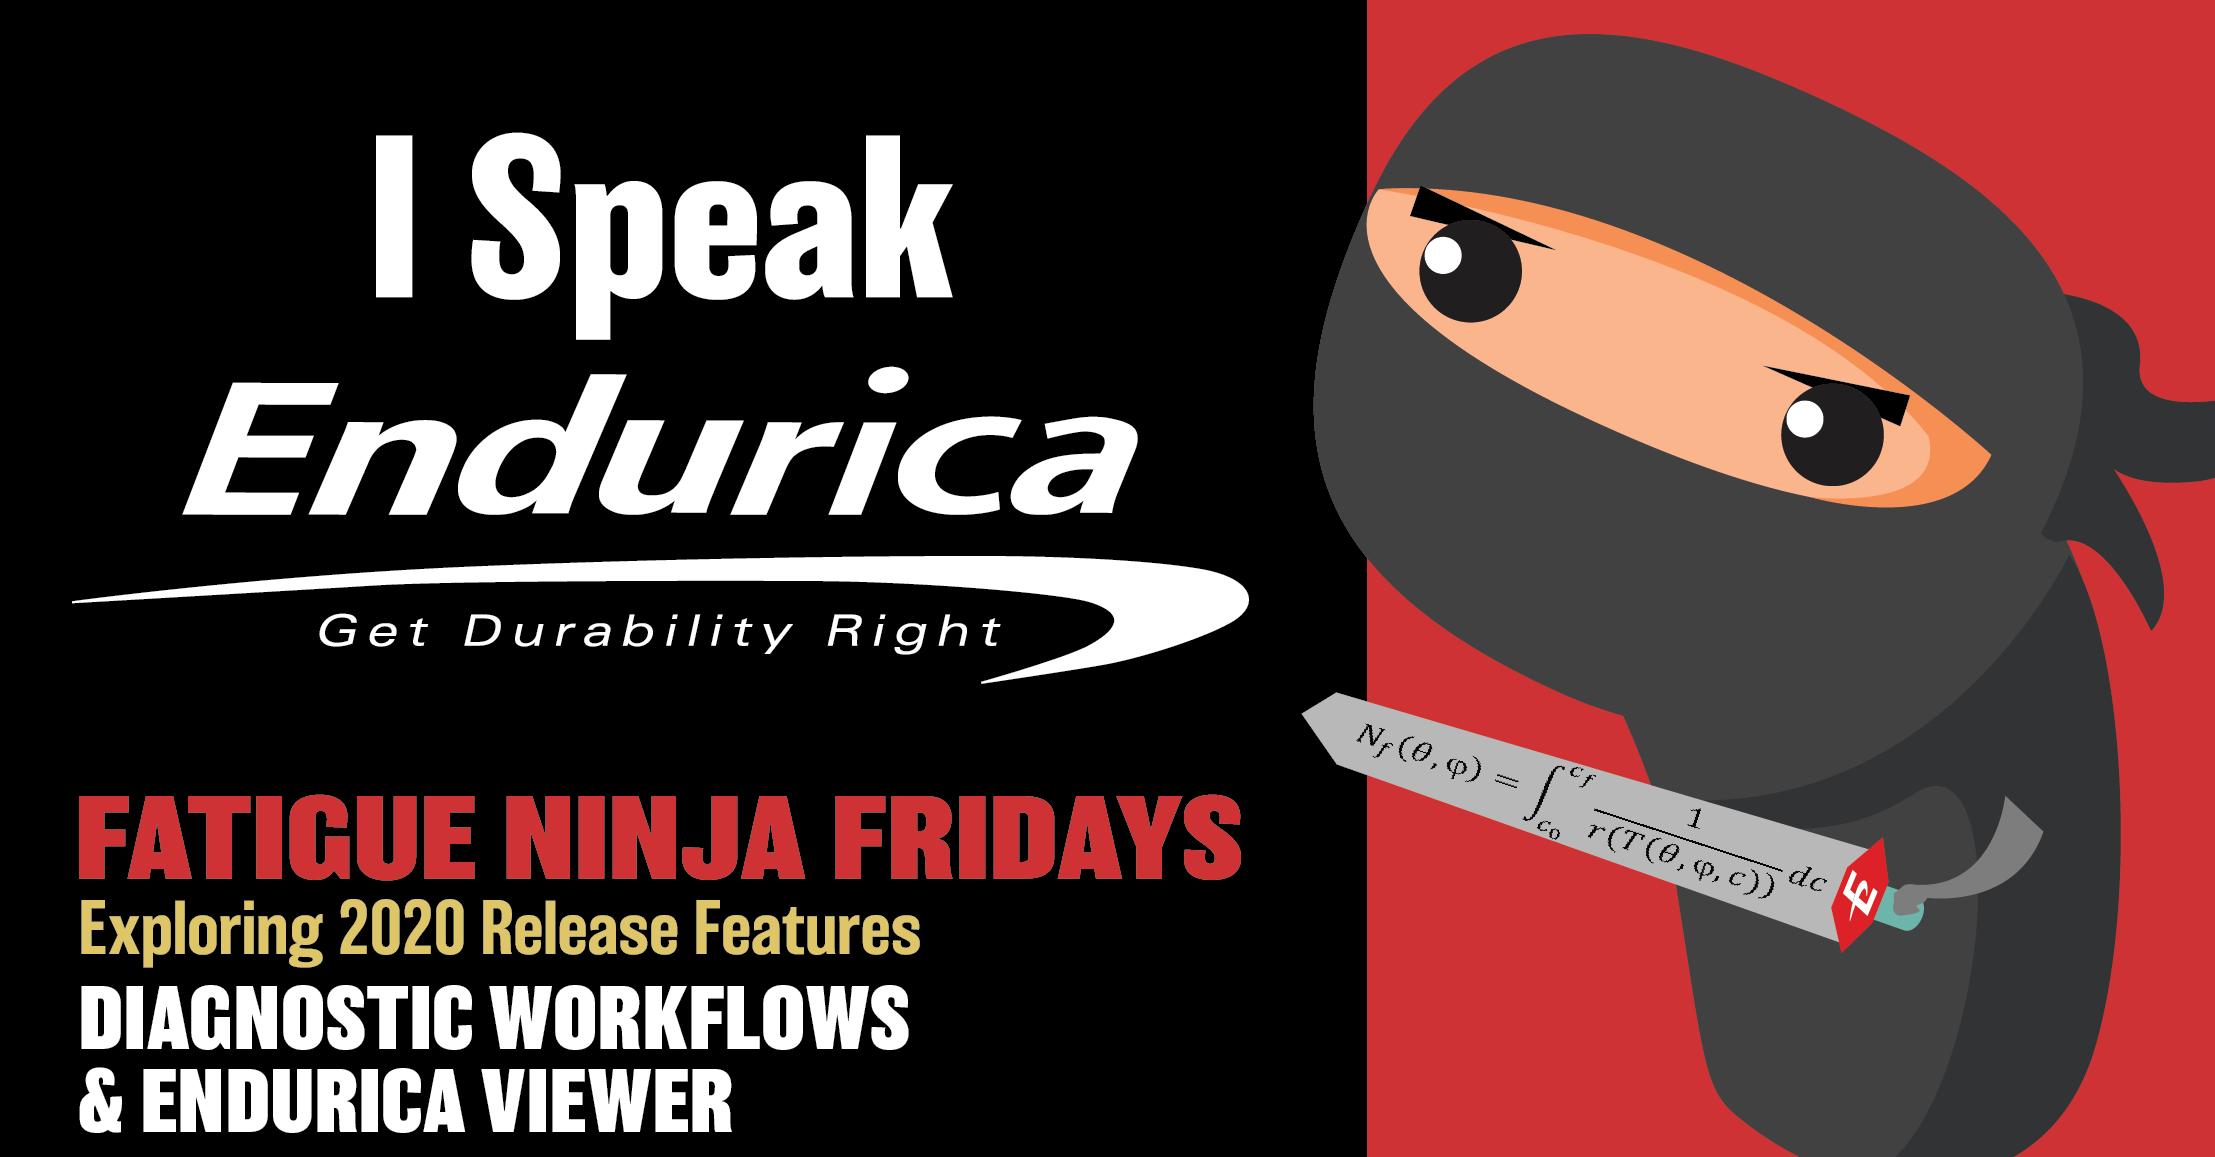 Endurica Fatigue Ninja Friday #2